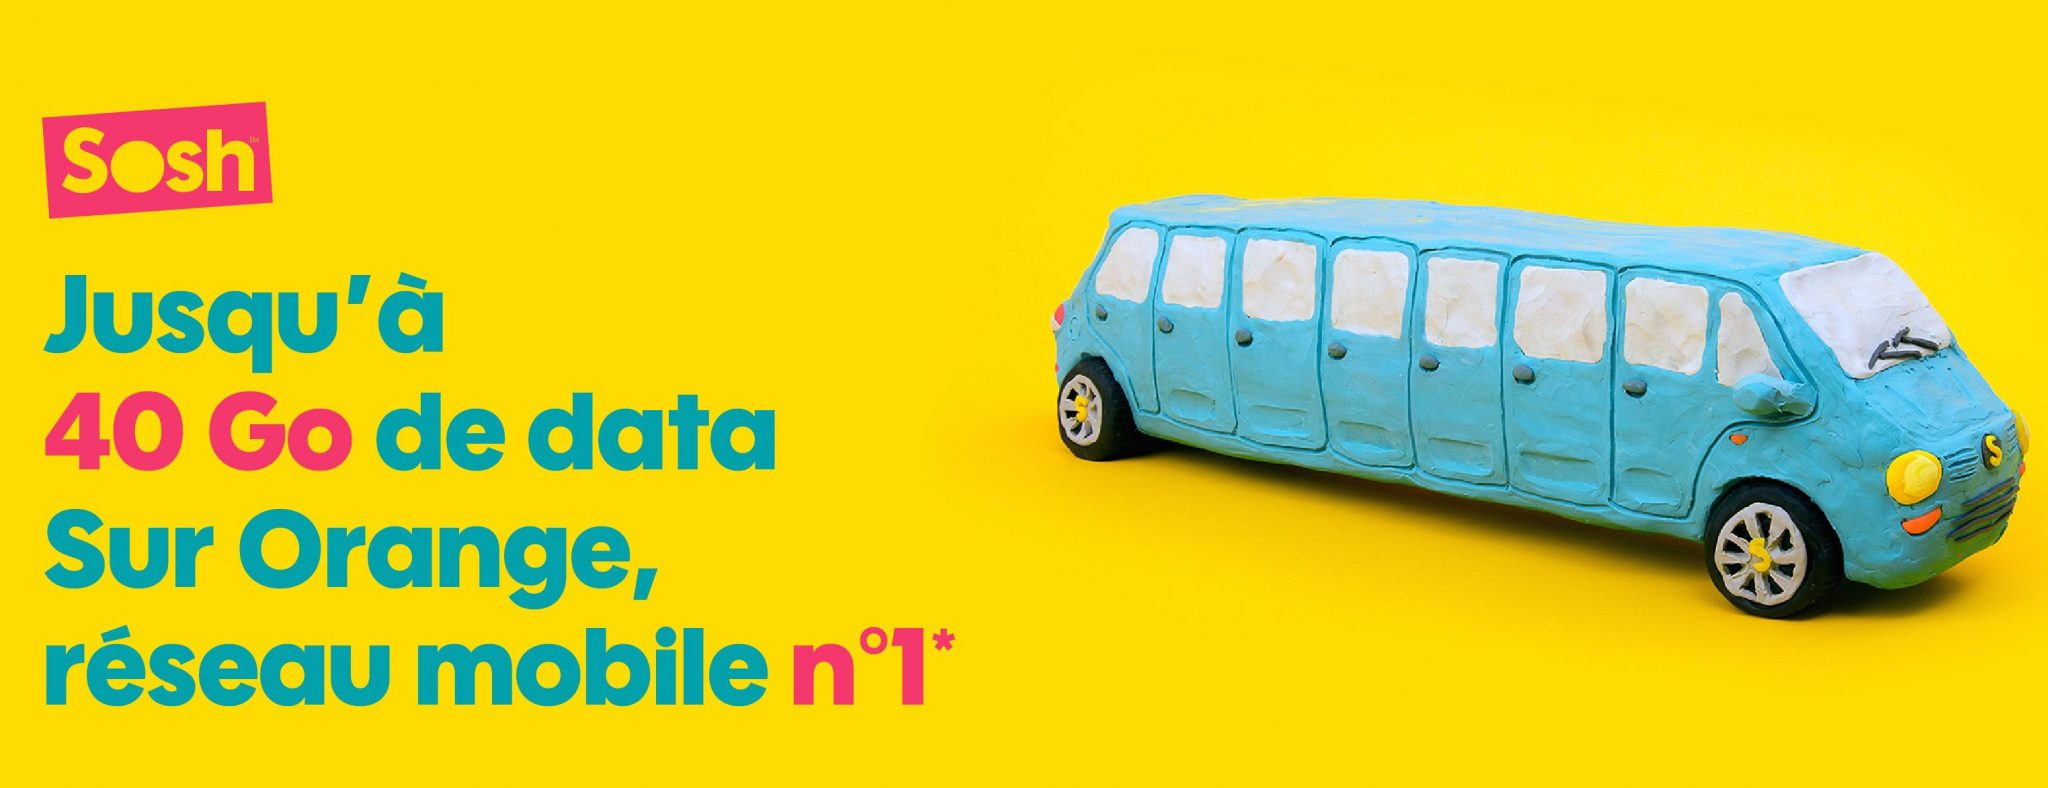 code parrainage sosh mobile